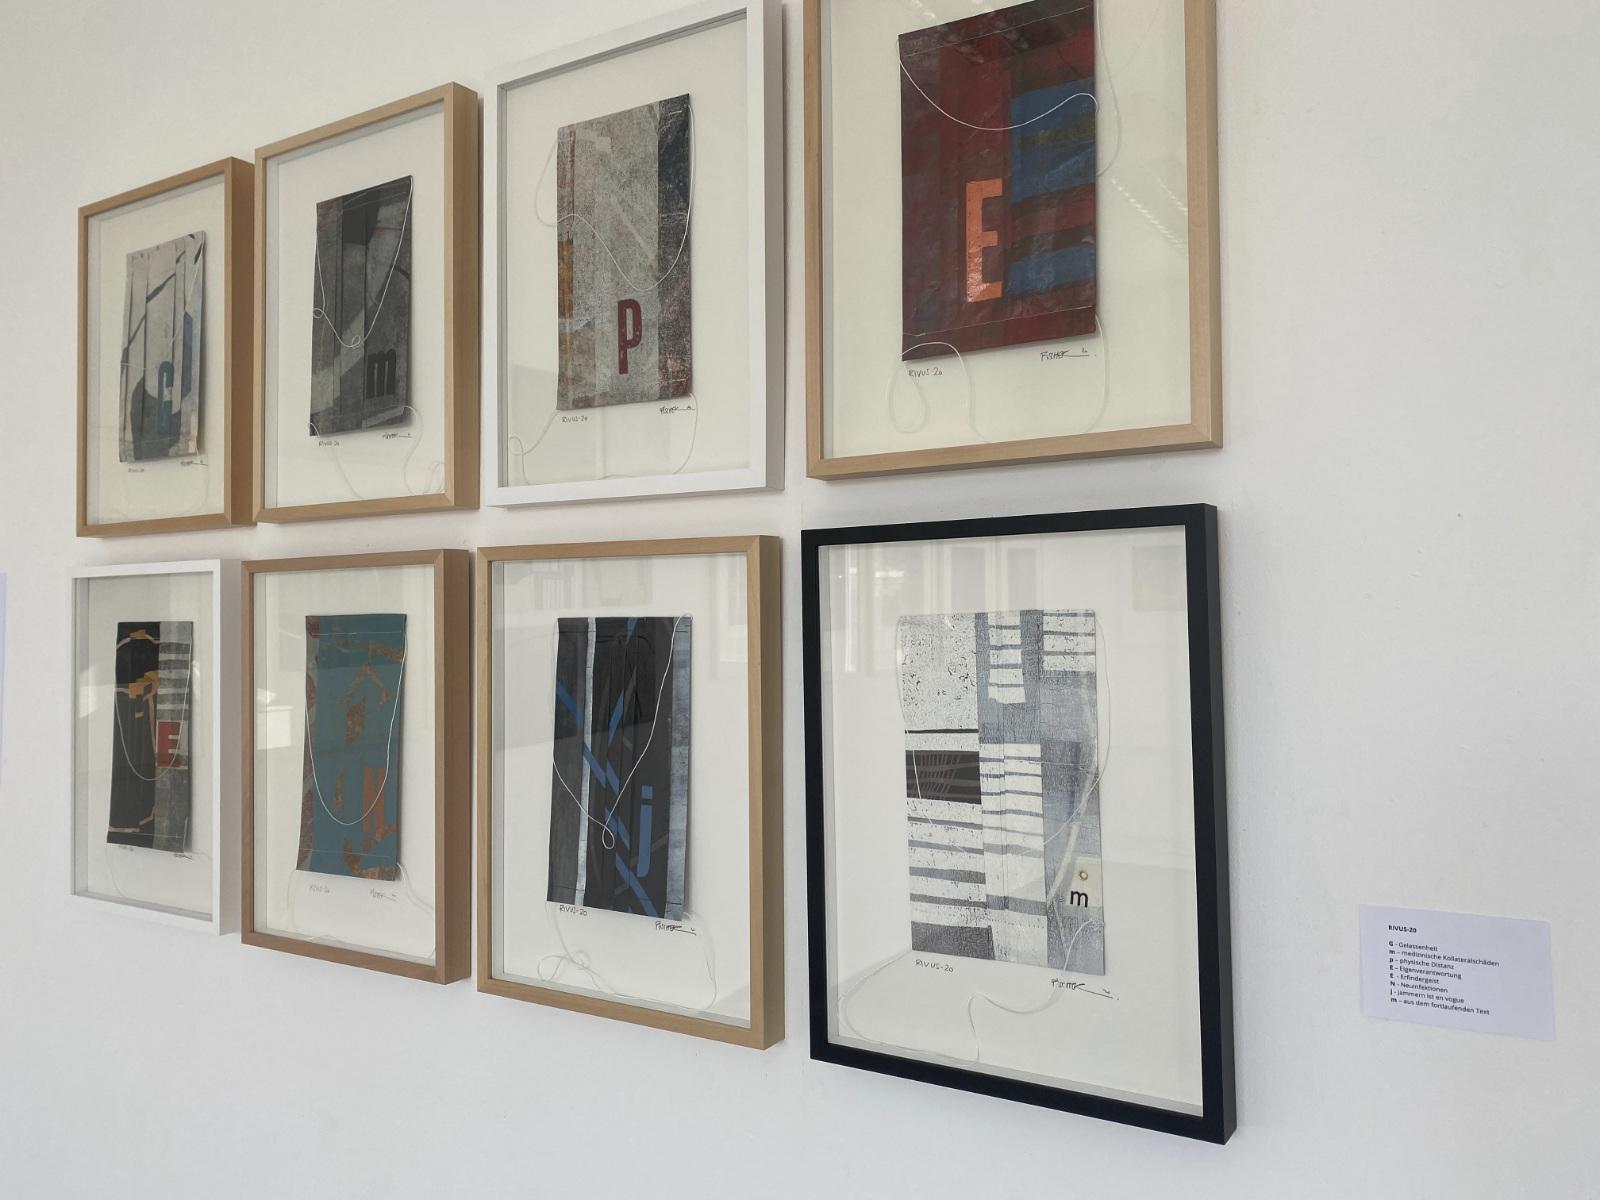 Druck-Grafik, Ausstellung von Antje Fischer in der Kunstakademie Esslingen